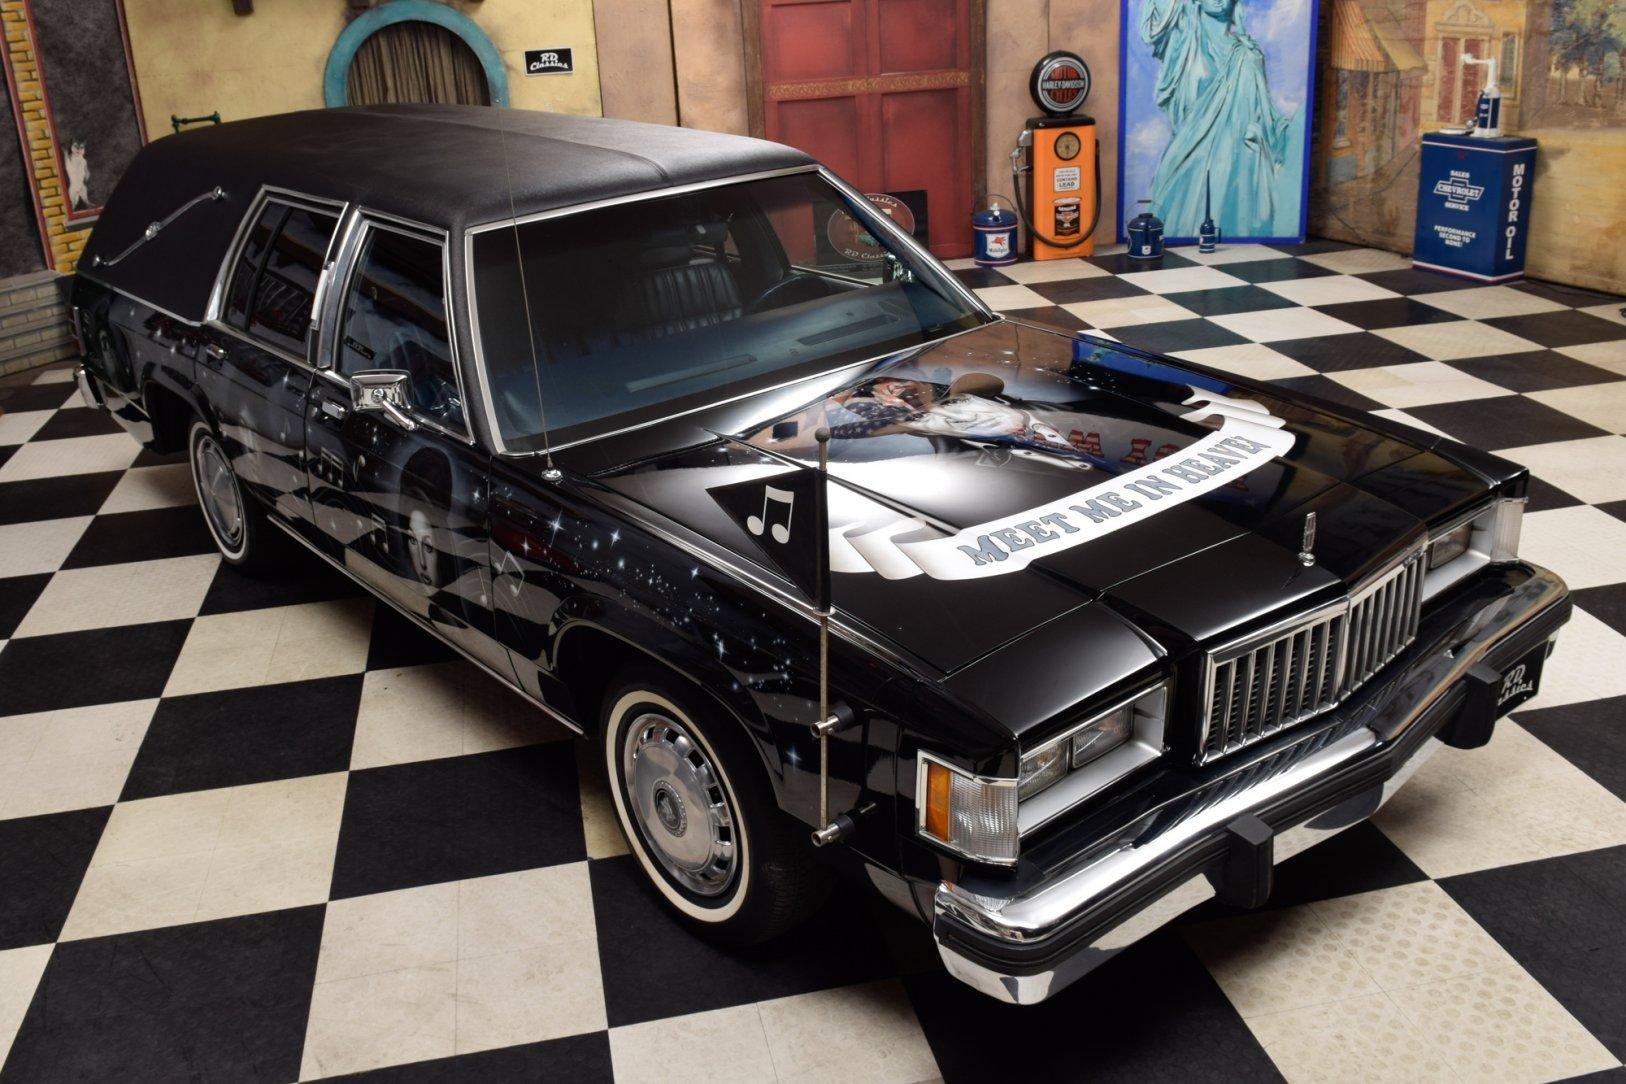 Leichenwagen mobile de Ectomobile